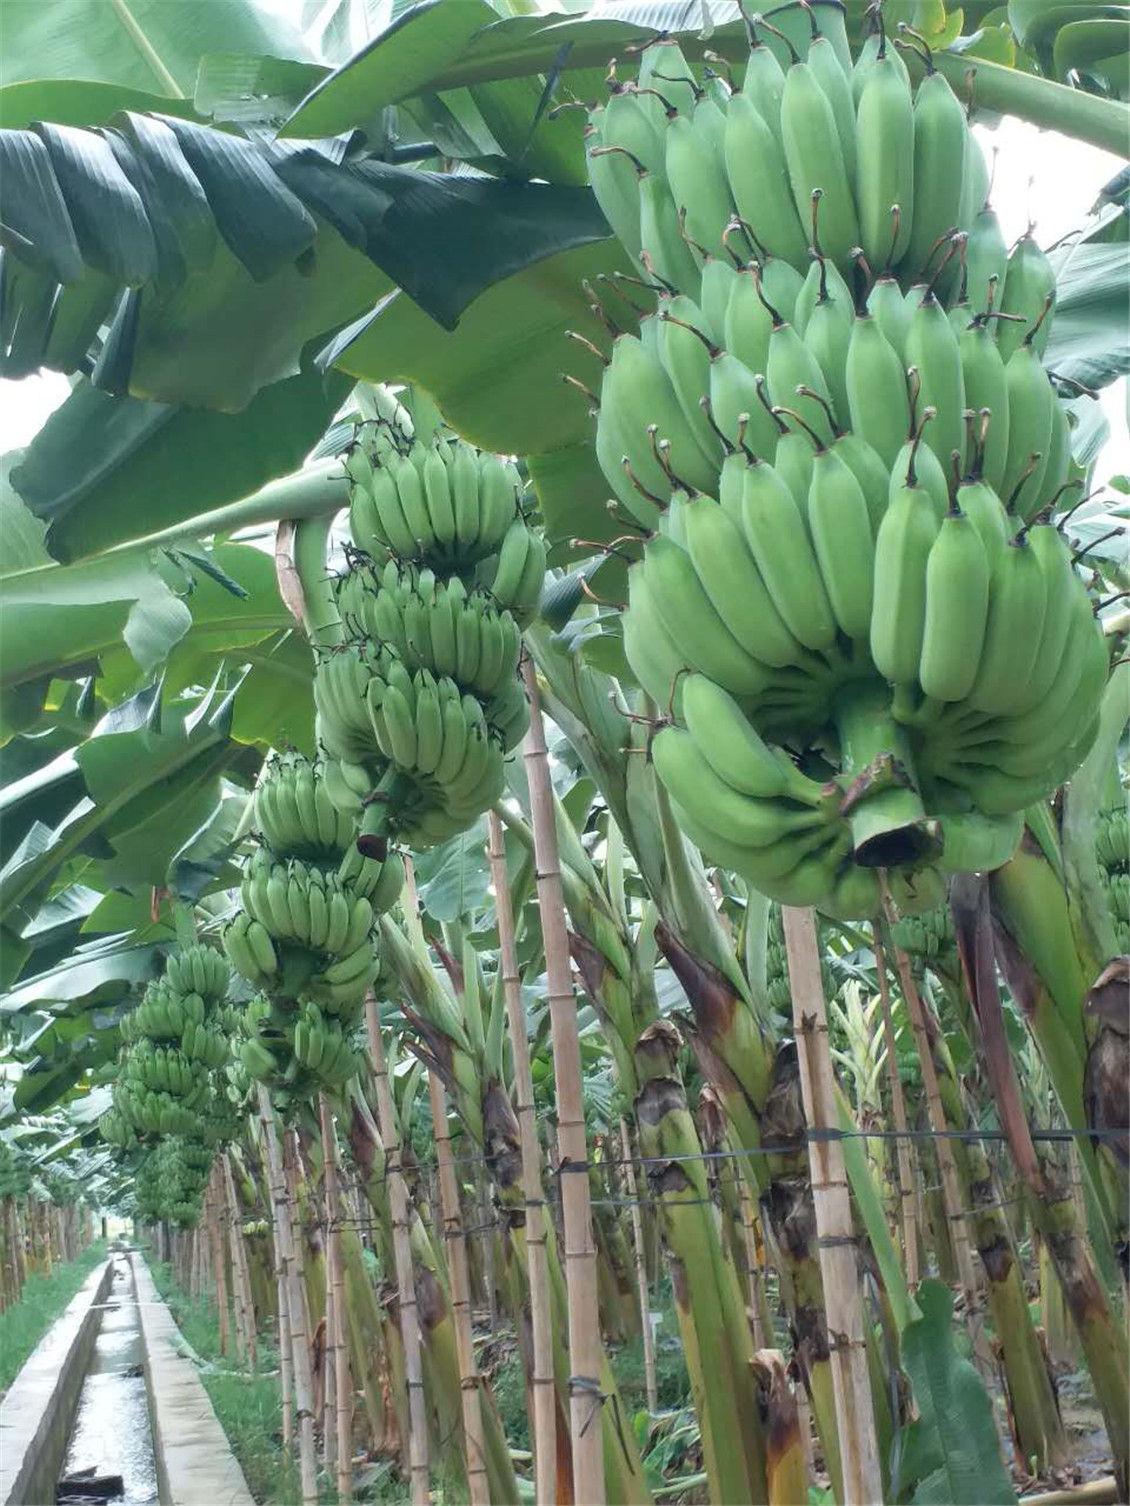 欢迎订购:广西(农科院)专家研究培育制种出来的优质:广西香蕉苗、广西西贡粉蕉苗、广西金粉1号、广粉蕉苗、矮粉1号蕉苗/威廉斯B6香蕉苗、桂蕉6号蕉苗、巴西蕉、金粉一号、南洋红香蕉苗、西贡蕉苗、南天黄、中抗黄叶病、中蕉1号、桂蕉1号香蕉苗、红头粉蕉苗、等品种       广西省南宁市(农科院)香蕉苗西贡粉蕉苗培育种苗基地、常年出售批发广西农科院制种香蕉苗、西贡粉蕉苗、培育基地位于广西自治区首府绿城南宁,交通便利。我基地目前主要销售以香蕉苗和西贡粉蕉苗为主,品种主要有威廉斯B6、桂蕉6号、巴西蕉、金粉一号、西贡蕉等品种,还有百香果苗,沃柑果苗、百香果苗、木瓜苗,葡萄苗和各种树苗出售。本基地有200个大棚,每个大棚平均育苗约6万苗,一次性可出苗300万左右,是目前广西规模较大的香蕉苗和粉蕉苗培育基地之一。我基地香蕉苗和粉蕉苗分季节销往广东、福建、海南、云南、越南、缅甸。老挝、四川、贵州、马来西亚、广西等省区,在全国香蕉苗和粉蕉苗市场也是有名。价格合理,质量保证,让合作者在短的时间内,收取大的利益。证件齐全/合同经法律公证,具有强制效力,以便让您种植香蕉无忧。欢迎对香蕉苗有认识有香蕉苗销路的广大商家、农户前来培育基地参观考察,我们真诚与您合作,拓展更加广阔的市场,让更多的朋友认识种植香蕉是农业财富道路。香蕉基地环境优美,我们一直努力成为您优秀的合作者!相信我们为您创造价值!保证能让种植香蕉农户买得放心、种得开心获得更大的收益!全国可以发货。